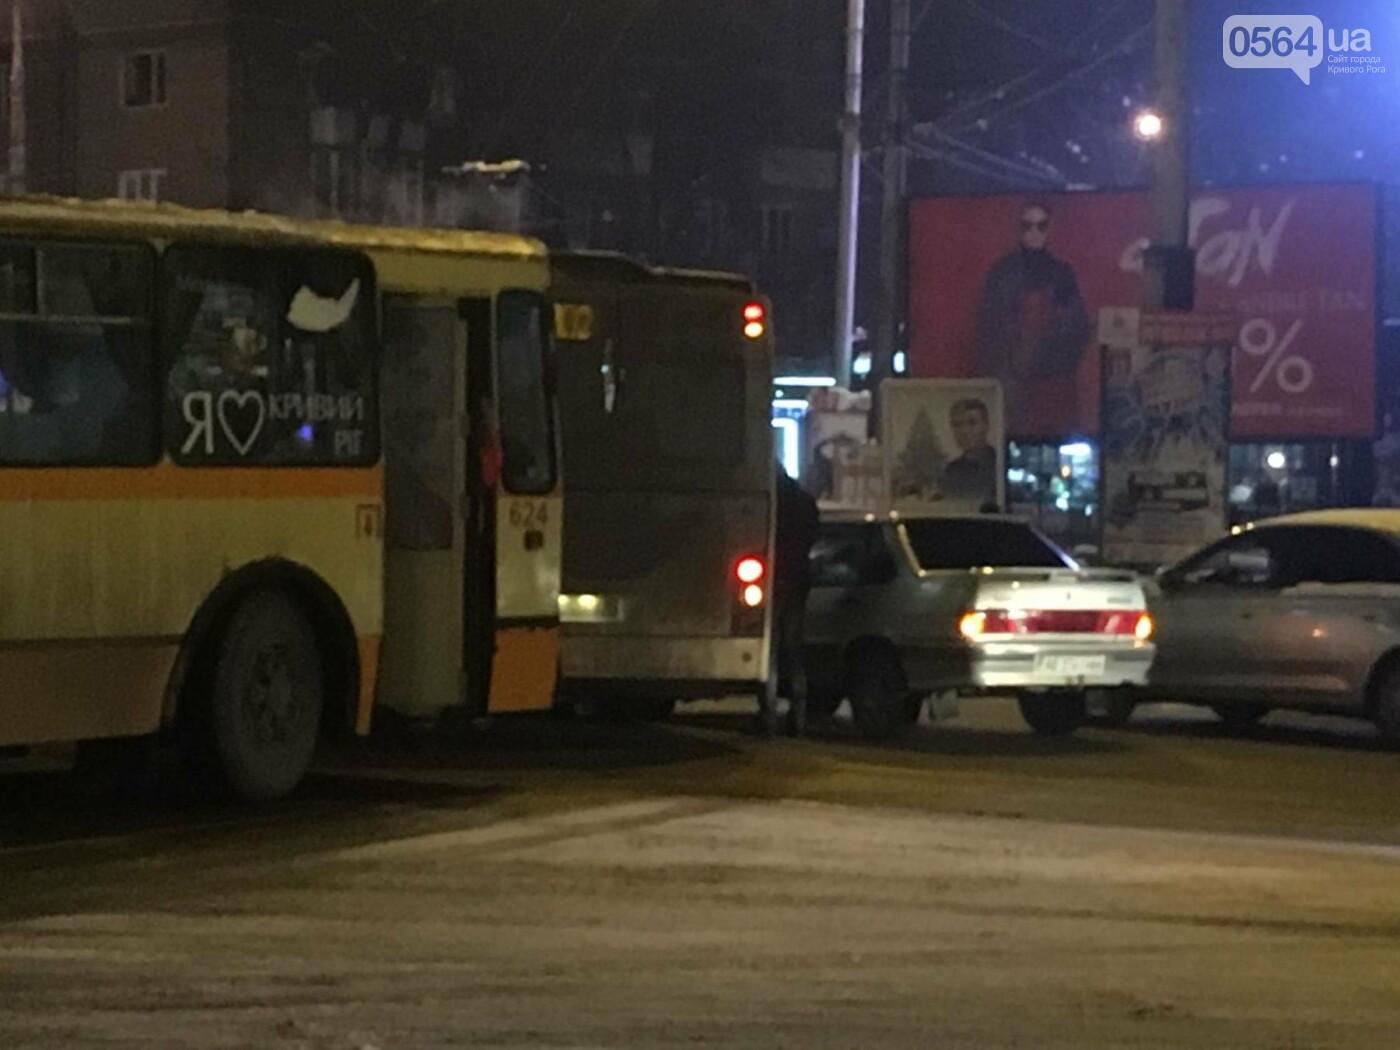 Не везет, так не везет: Один из новых криворожских автобусов попал в ДТП (ФОТО), фото-1